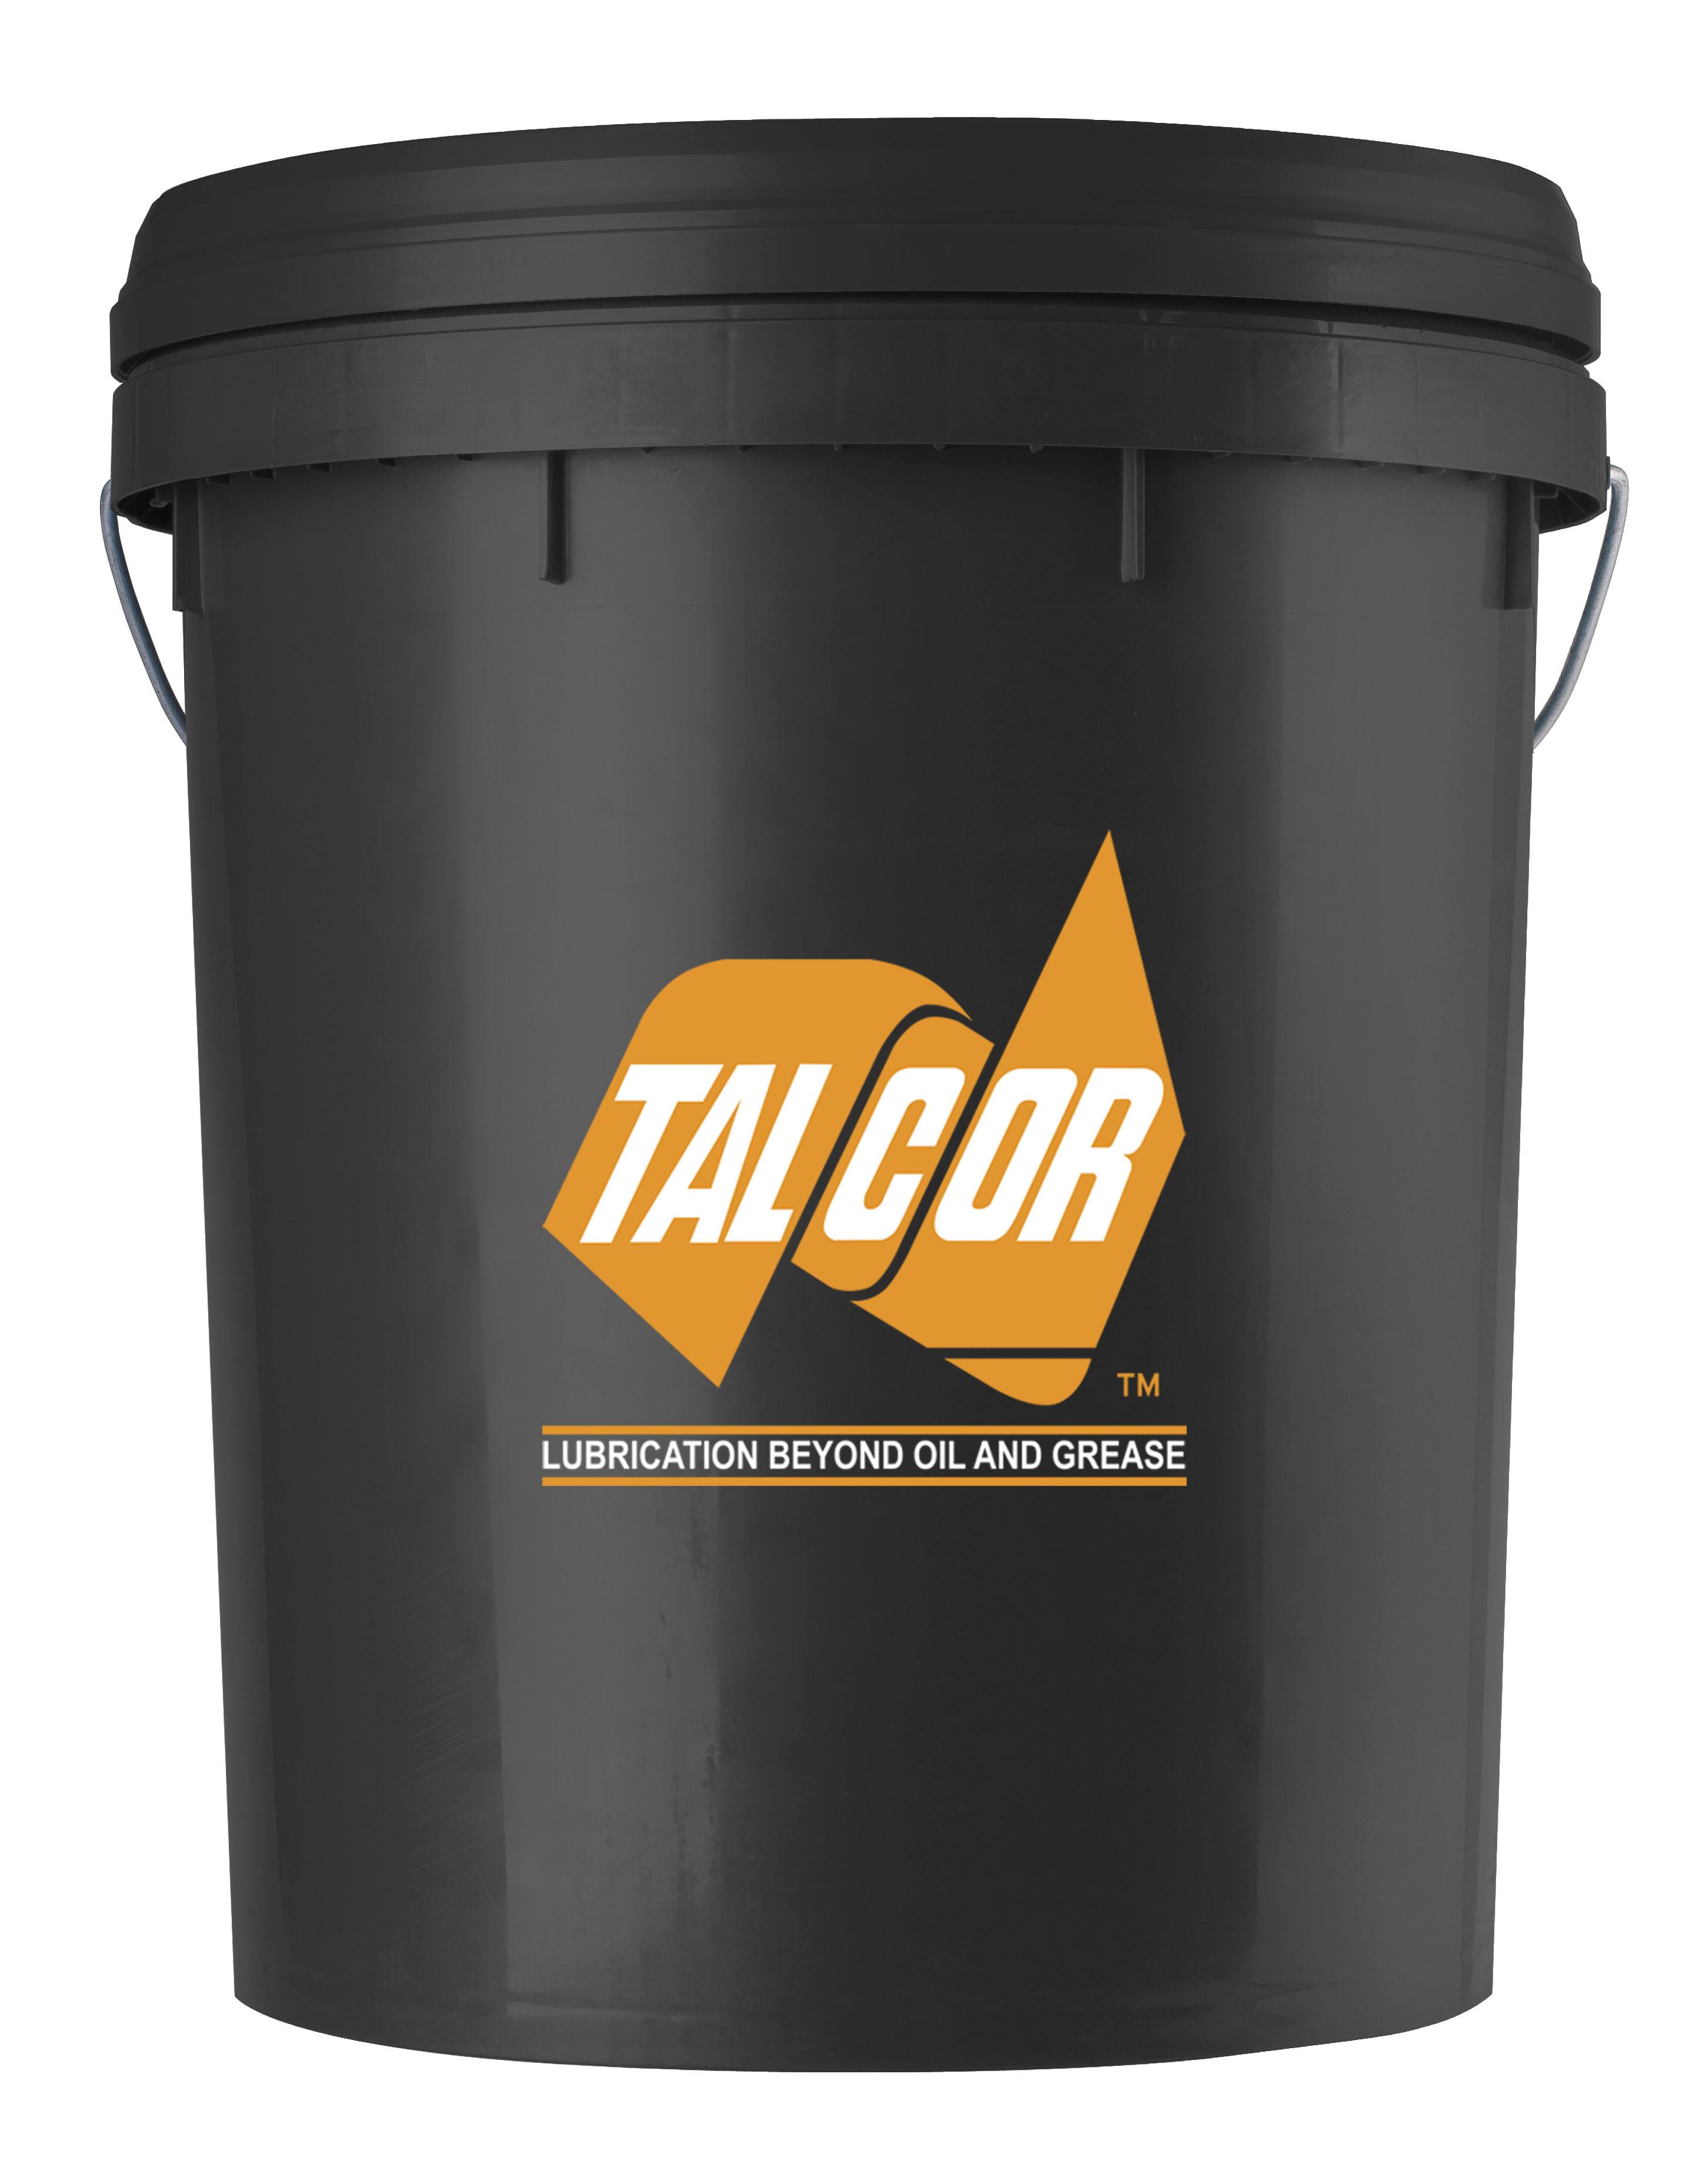 Talcor Super HD #1